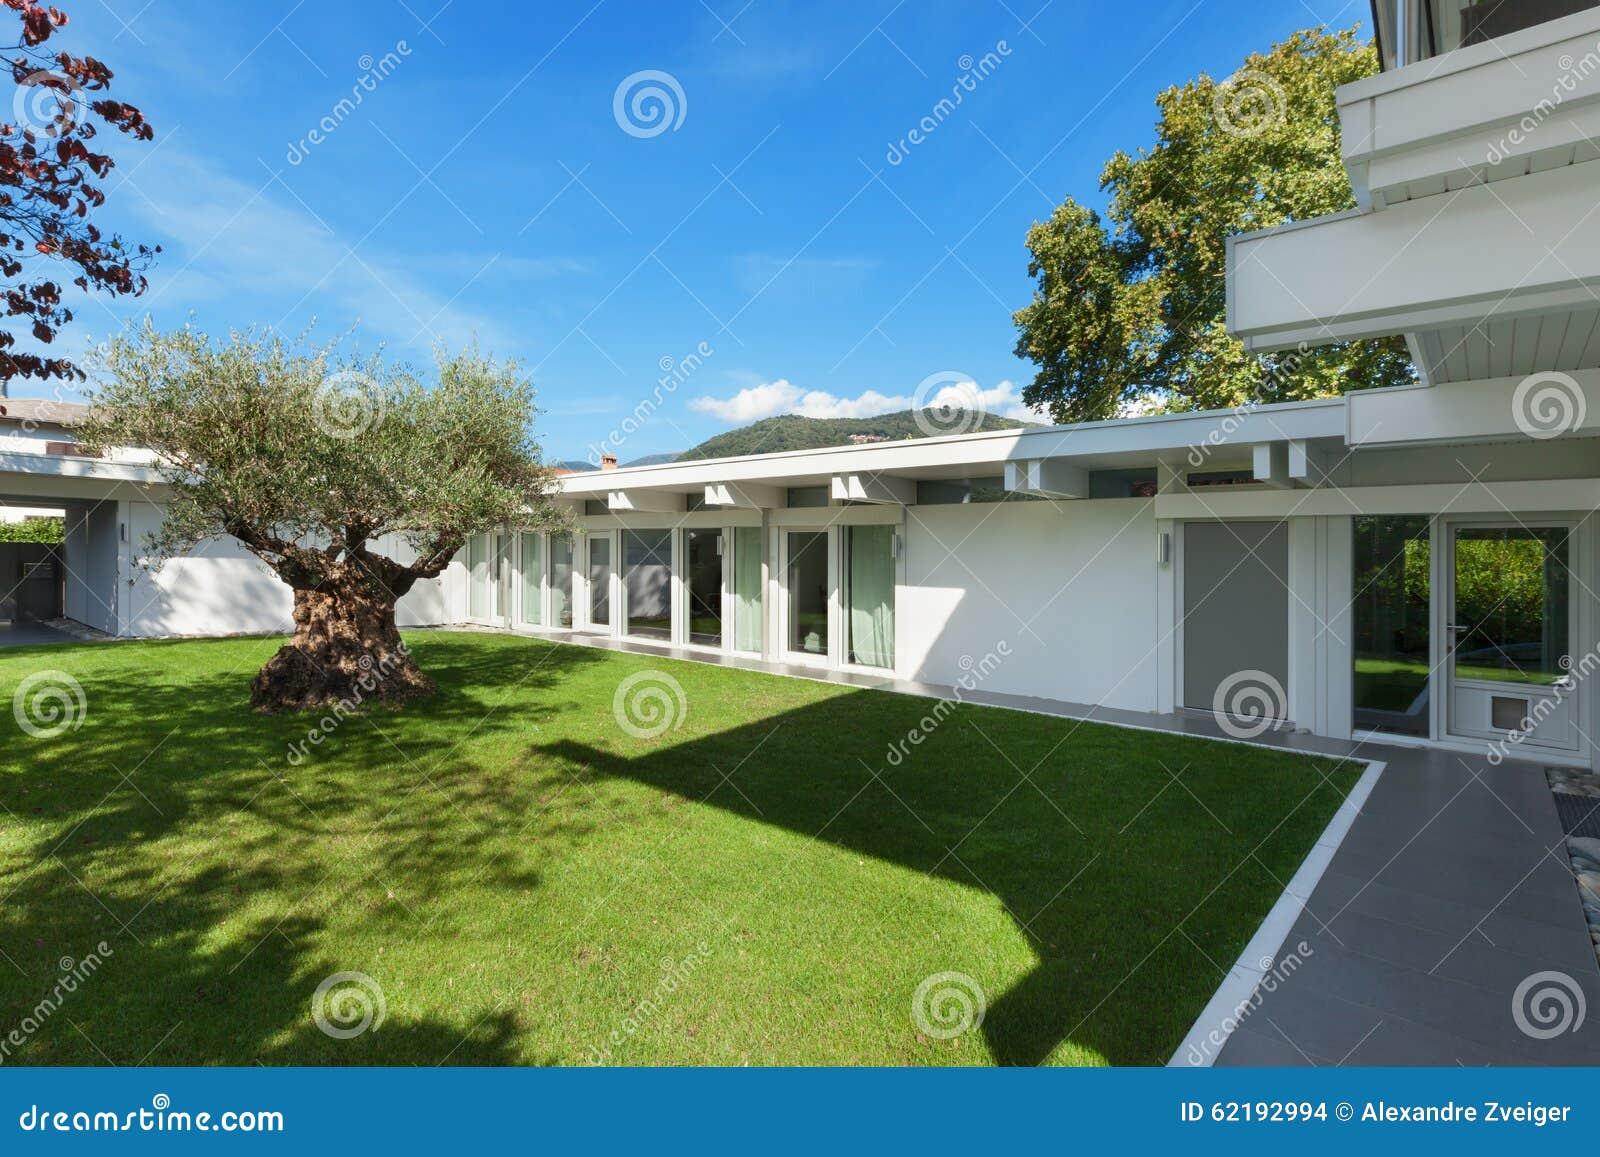 Giardino di una casa moderna con di olivo fotografia stock - Come disegnare una casa con giardino ...